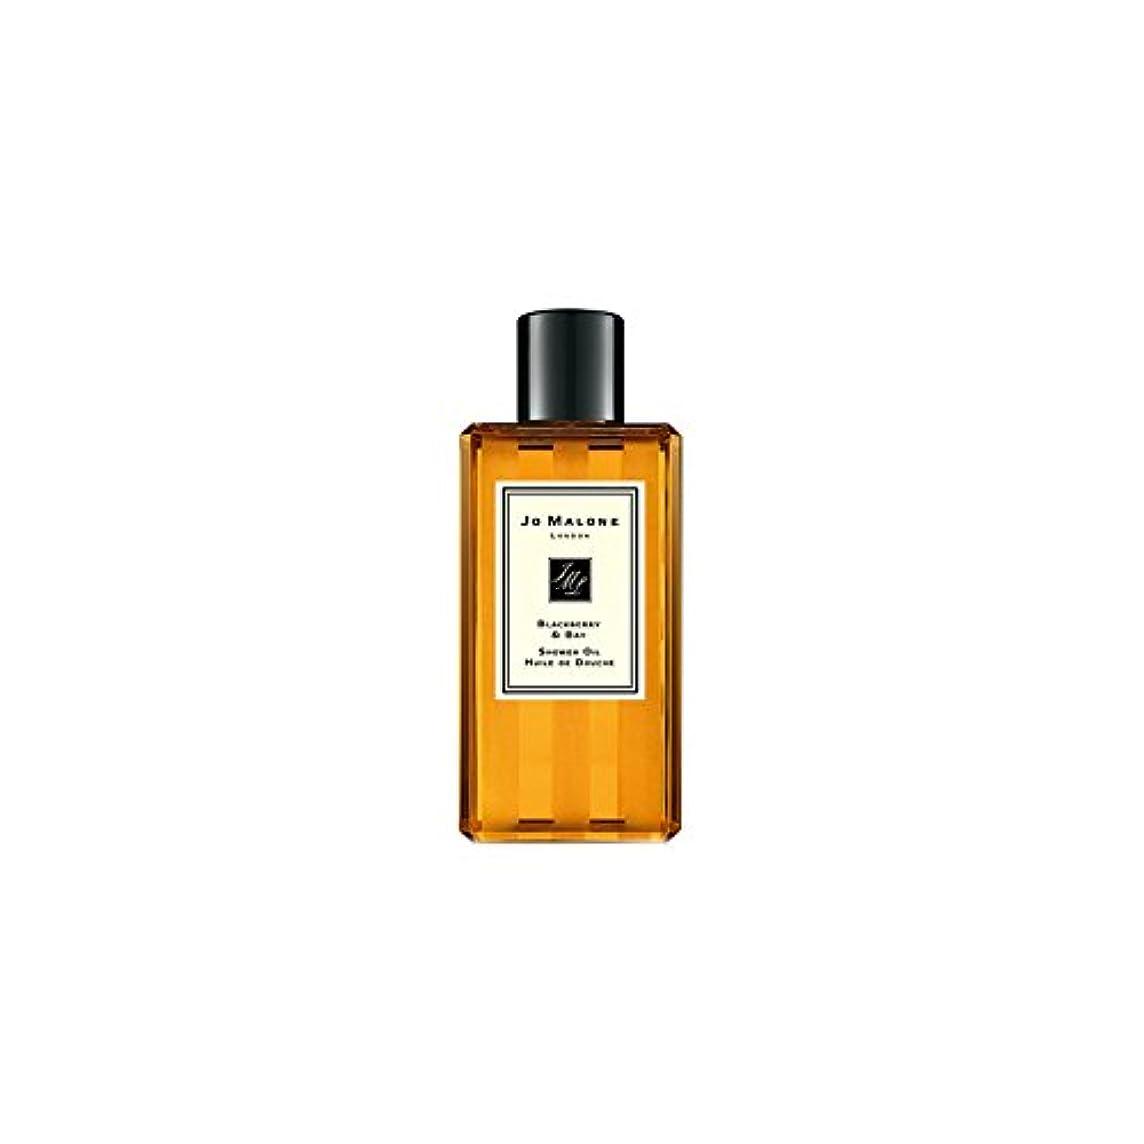 罹患率製作ユーモアJo Malone Blackberry & Bay Shower Oil - 250ml (Pack of 2) - ジョーマローンブラックベリー&ベイシャワーオイル - 250ミリリットル (x2) [並行輸入品]